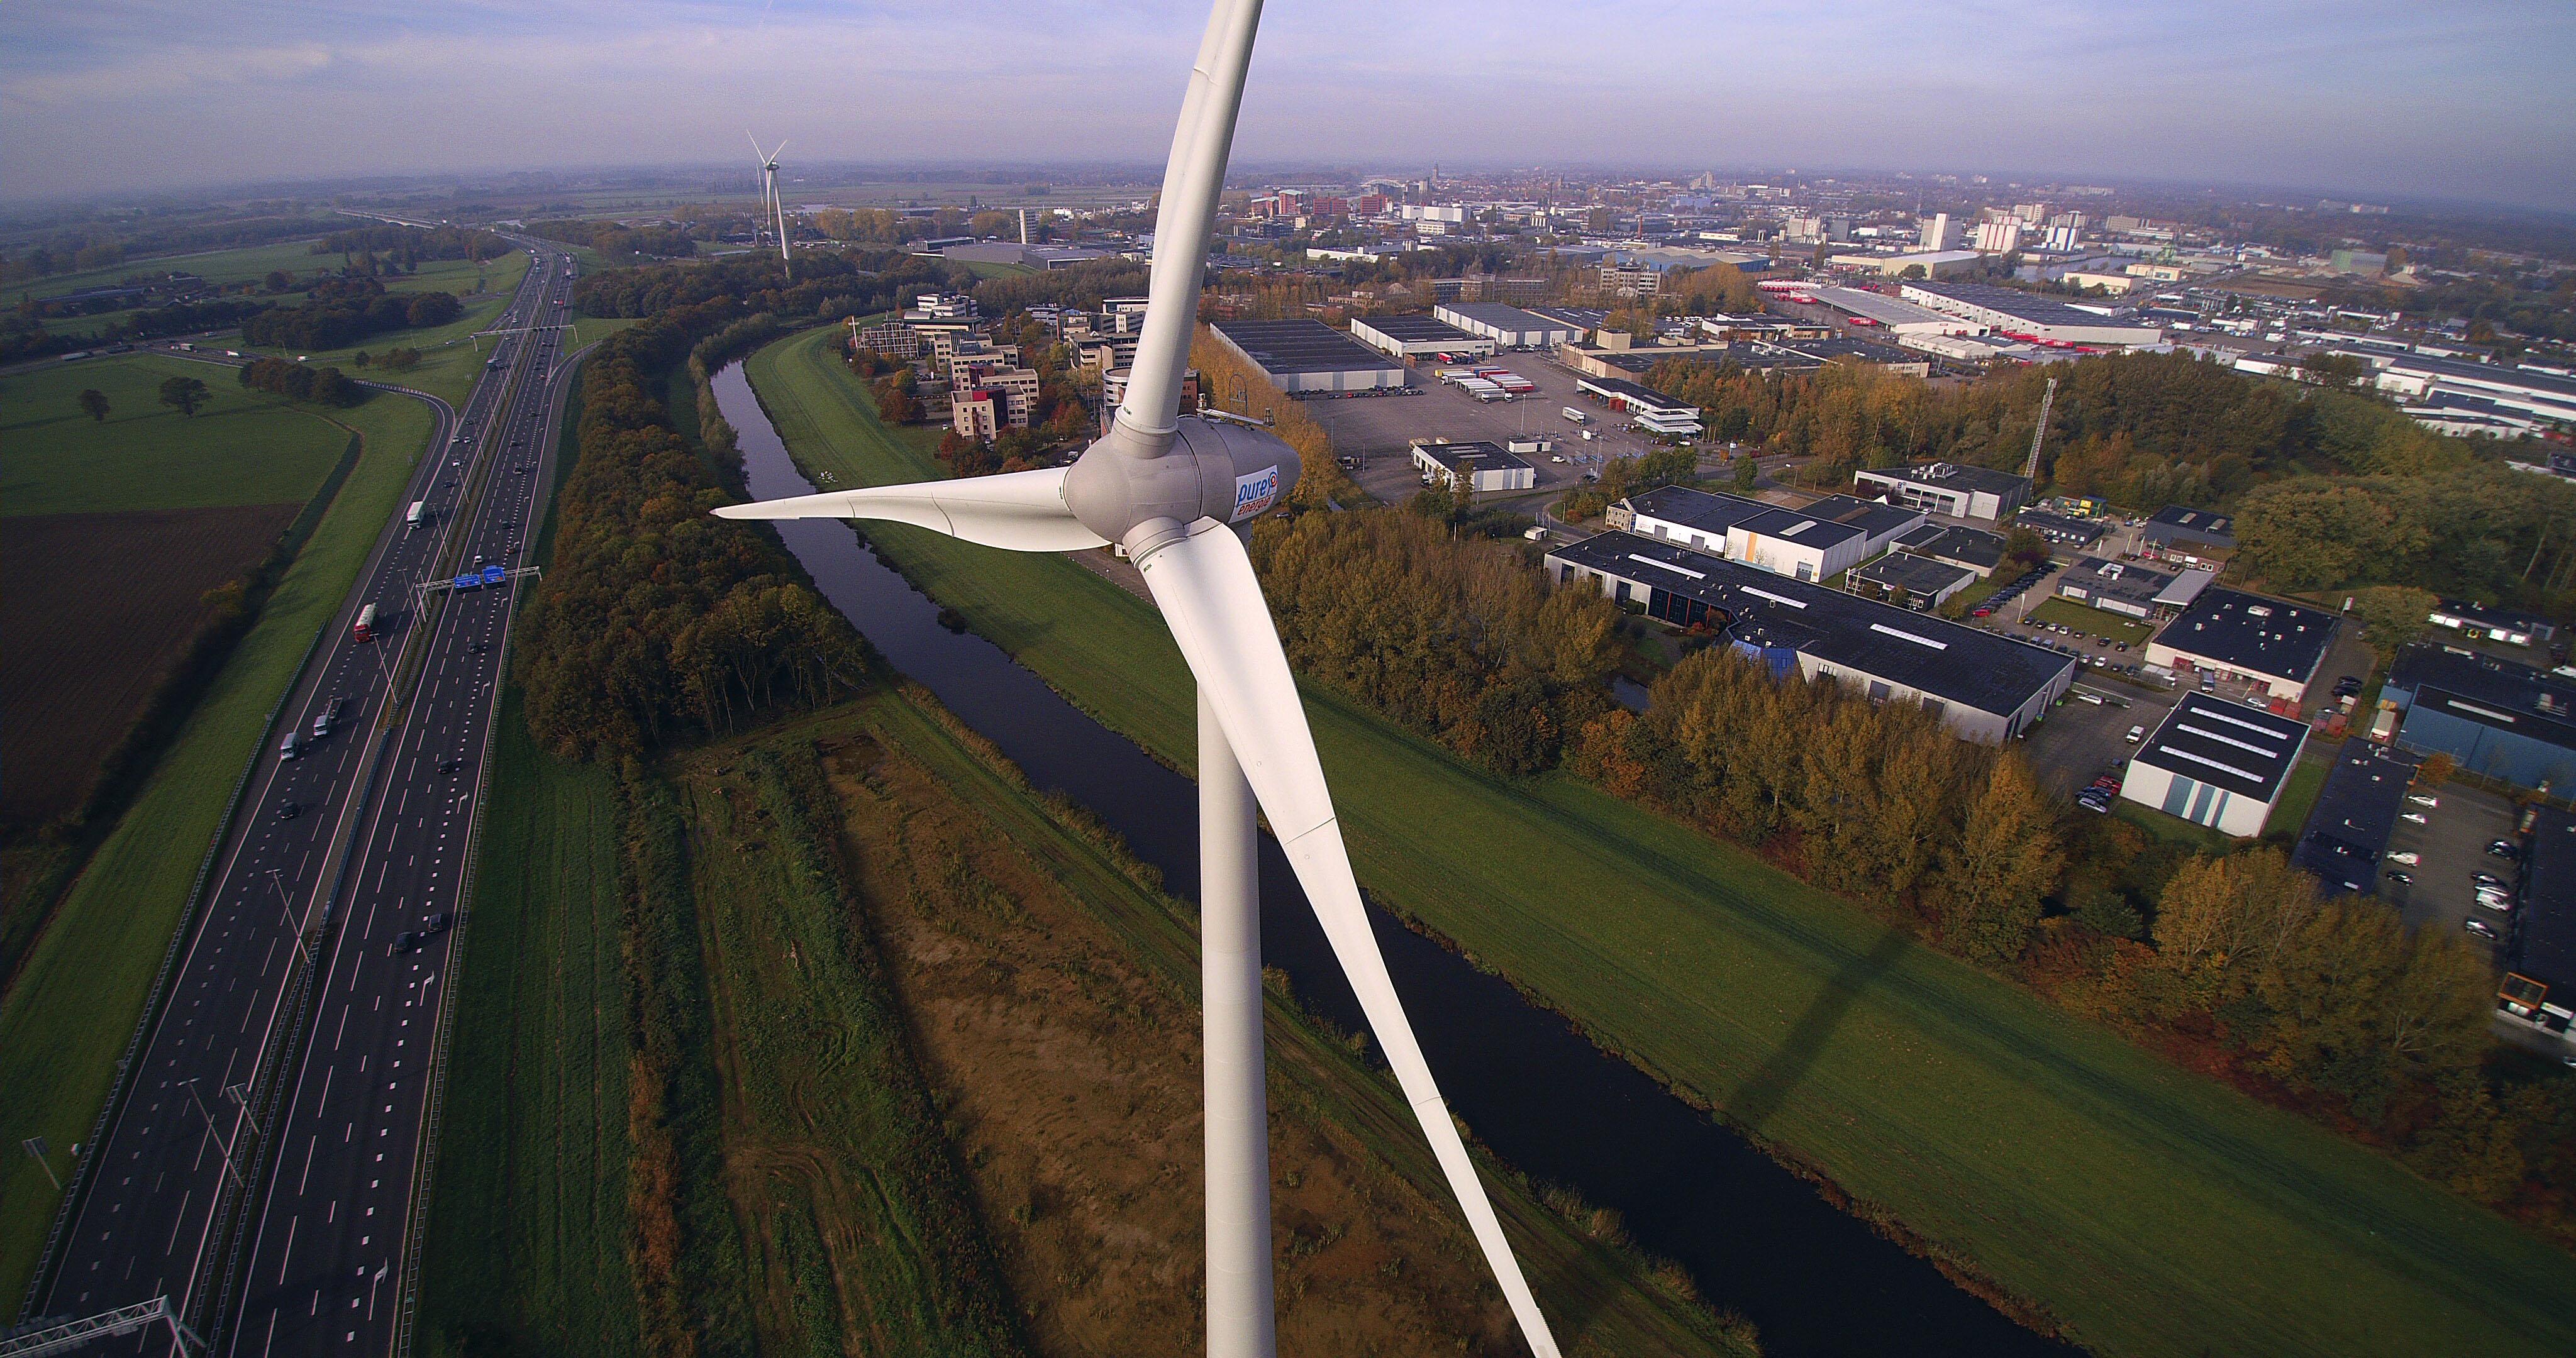 Wonen in de buurt van een windmolen | Pure Energie